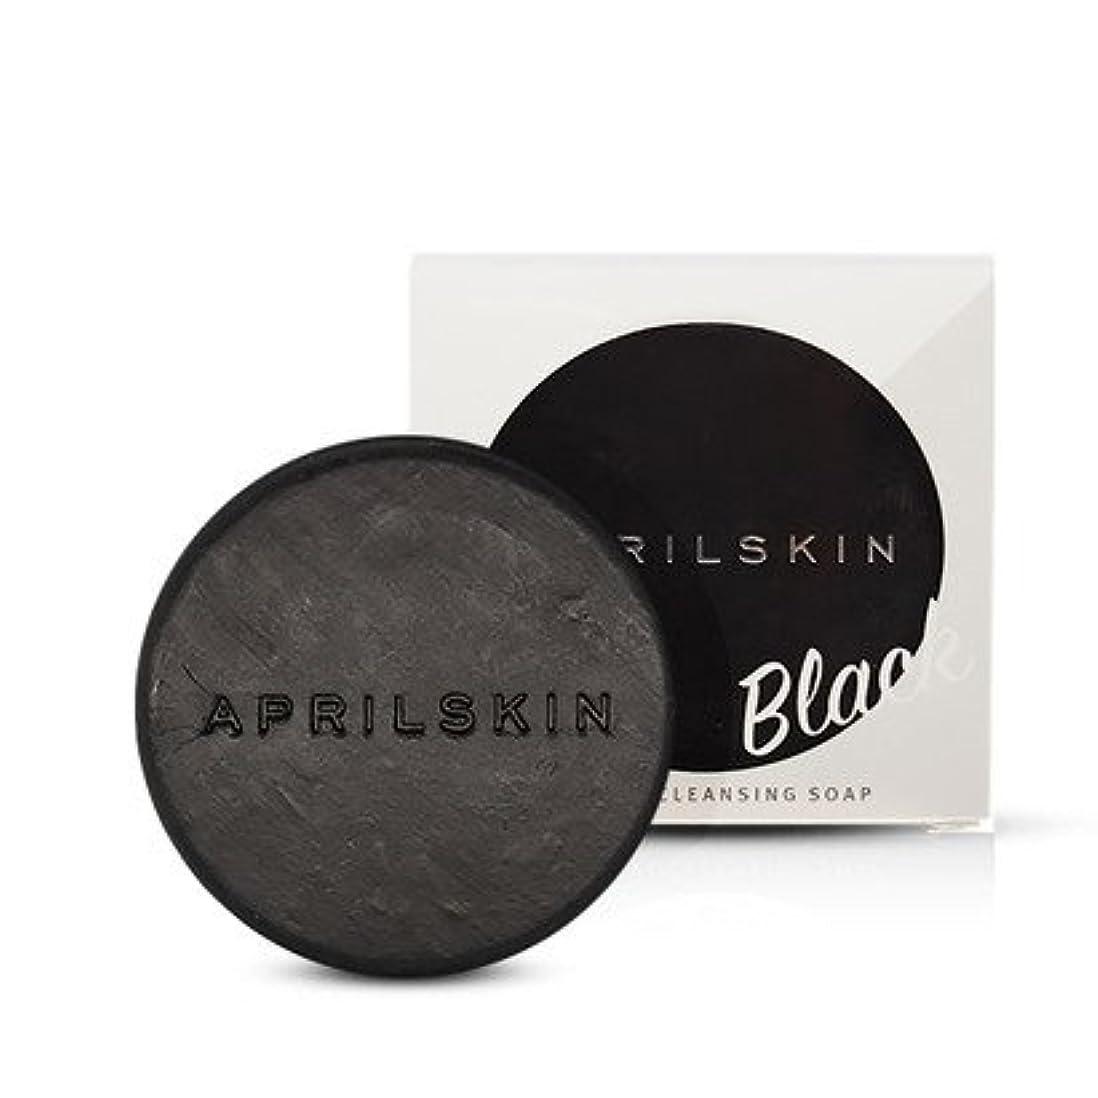 あそこマークダウン結婚式[APRILSKIN] エイプリルスキン国民石鹸 (APRIL SKIN magic stone マジックストーンのリニューアルバージョン新発売) (BLACK) [並行輸入品]